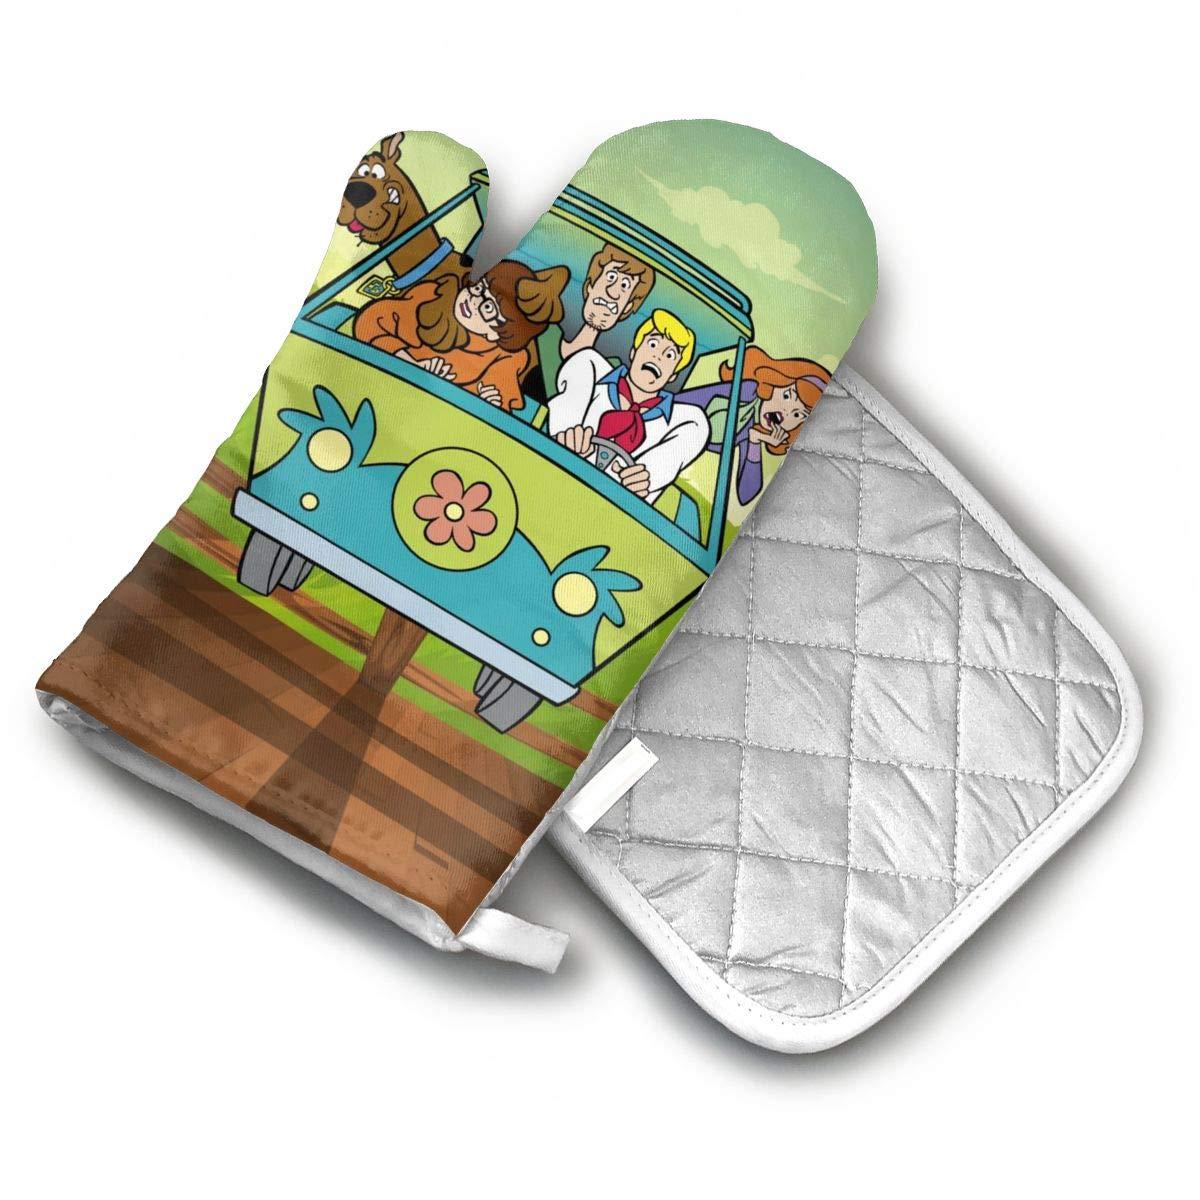 AISDHAJKSD Scooby Doo Minivan Cartoon Car Bumper Sticker Decal Premium Terylene/Nylon Oven Mitts and Pot Mat,Pot Mat/Hot Pads, Heat Resistant Gloves BBQ Kitchen